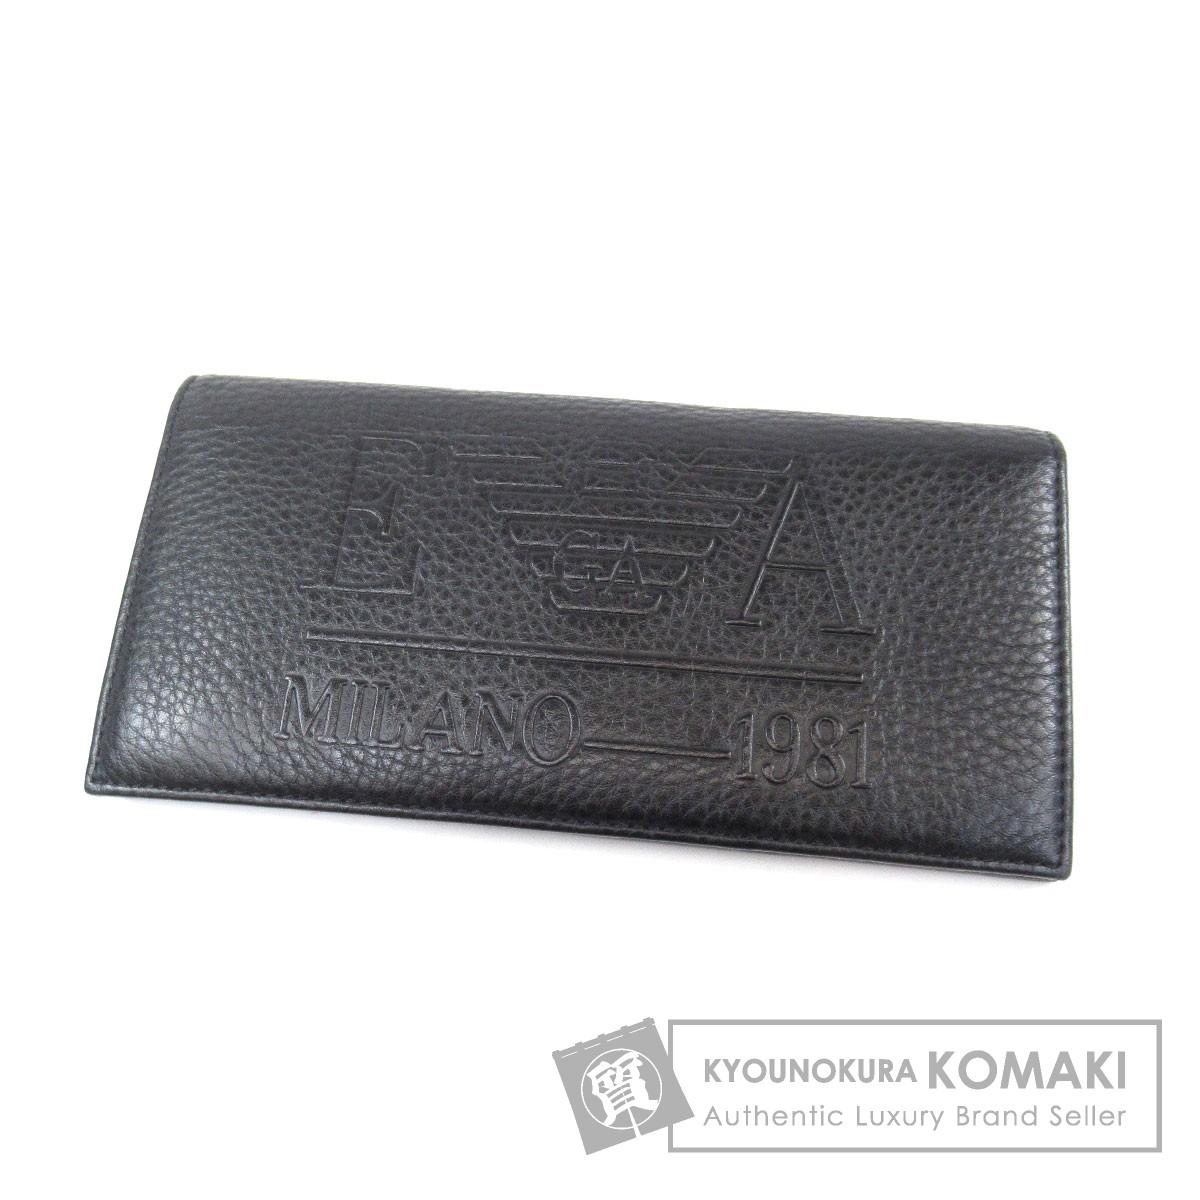 Emporio Armani ロゴ型押し 長財布(小銭入れあり) レザー メンズ 【中古】【エンポリオ・アルマーニ】